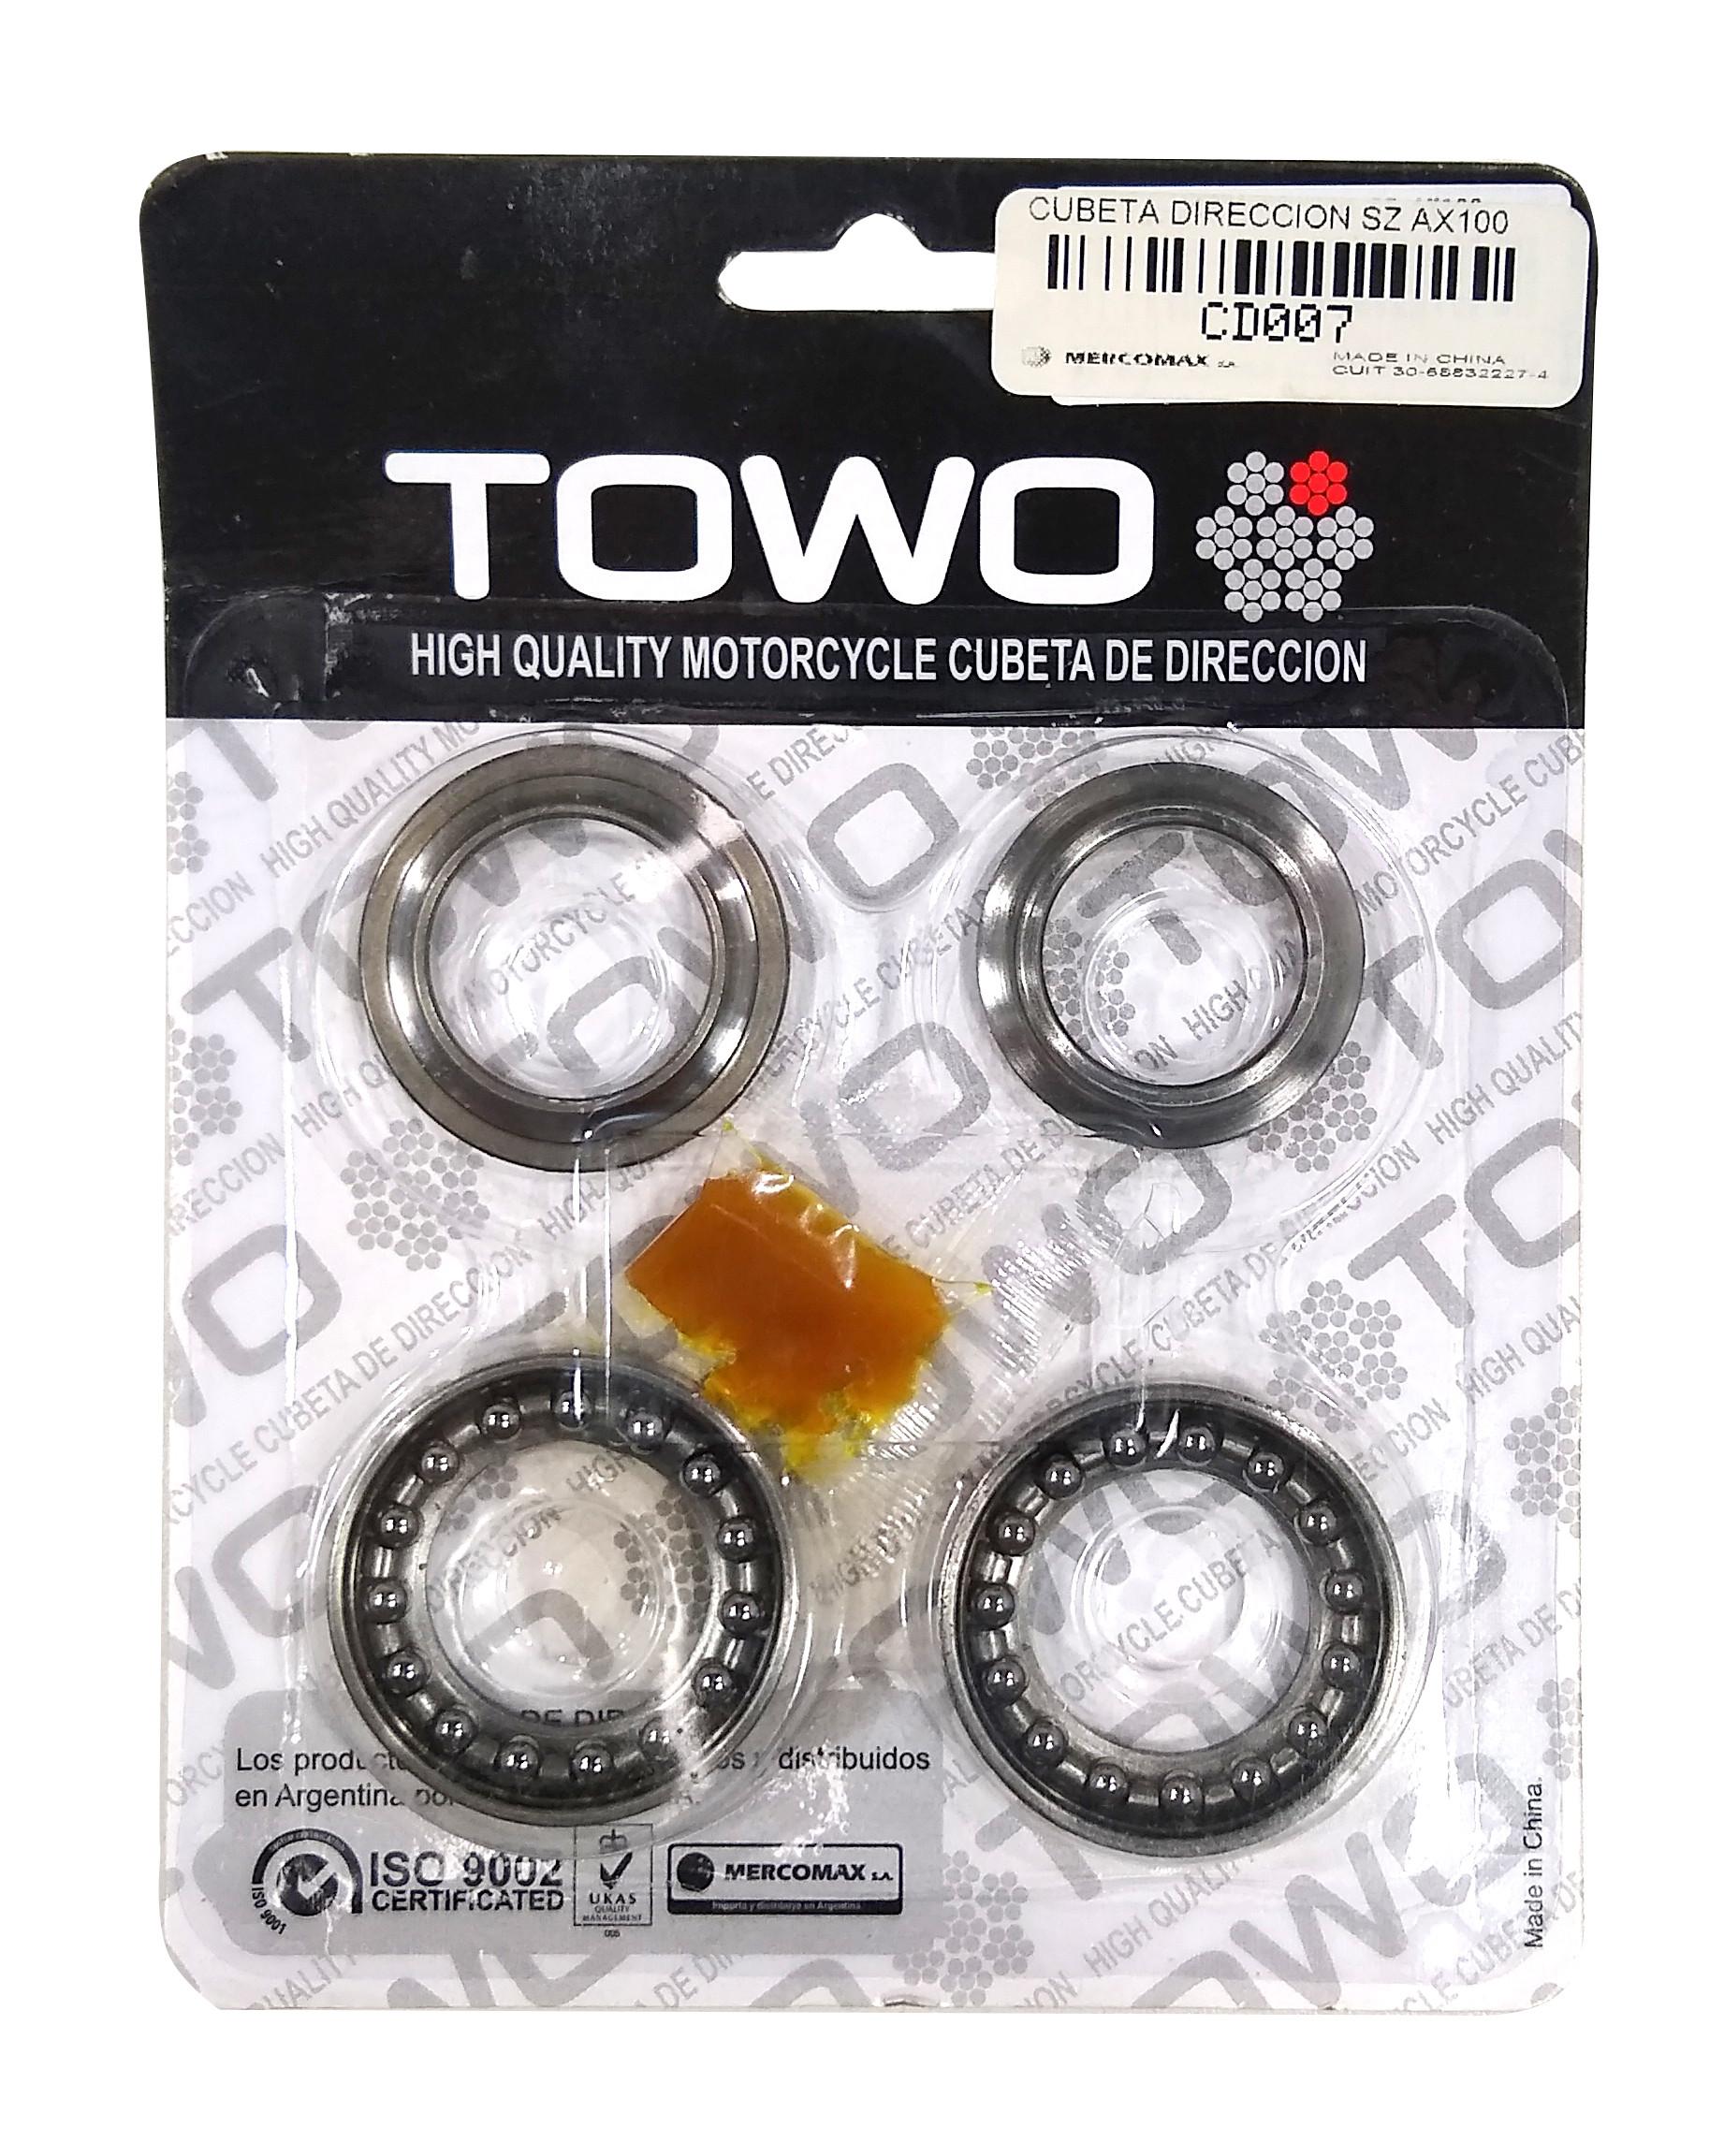 Juego Cubetas Direccion Suzuki Ax 100 Towo